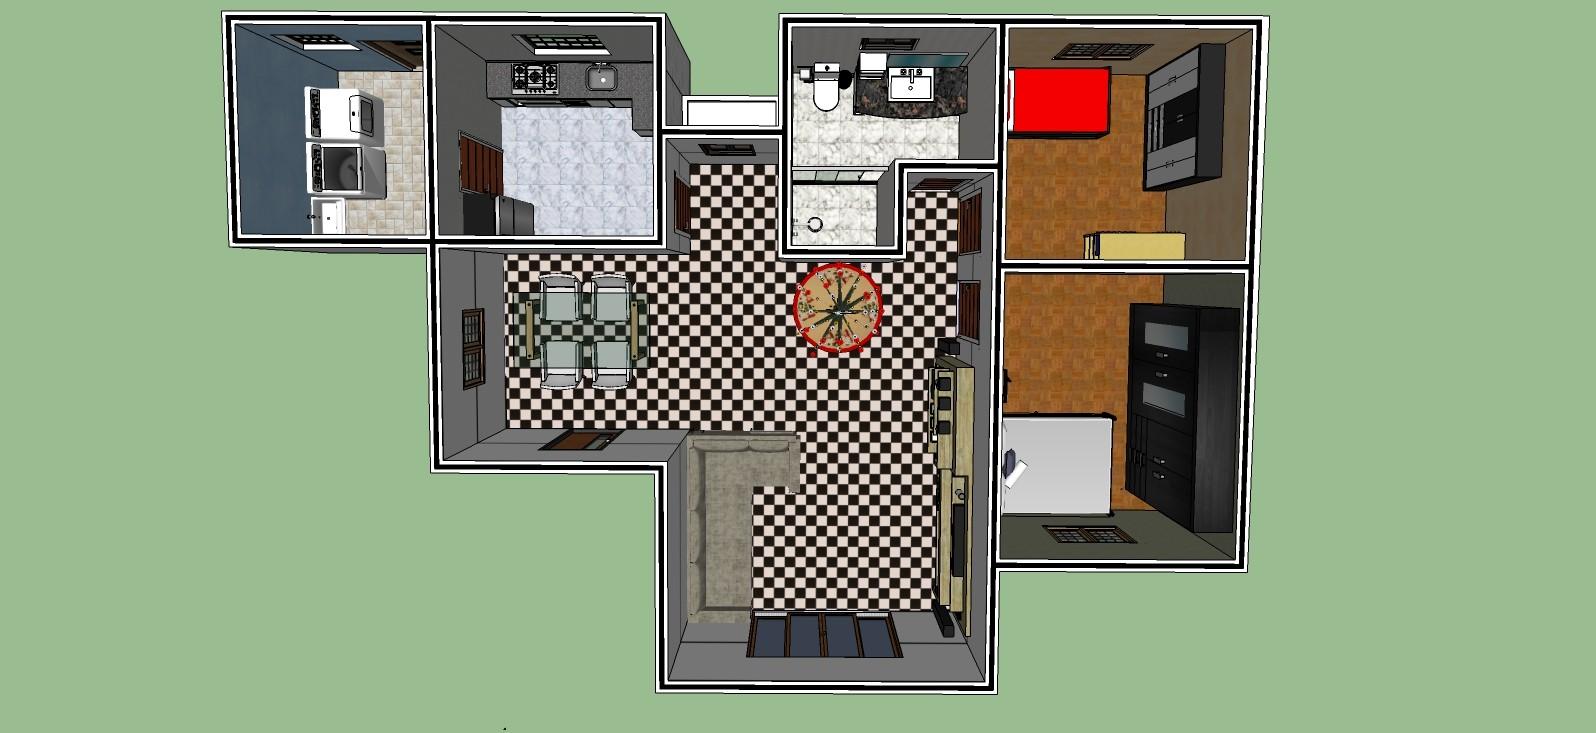 Aline de queiros trabalho grupo projeto casa completo